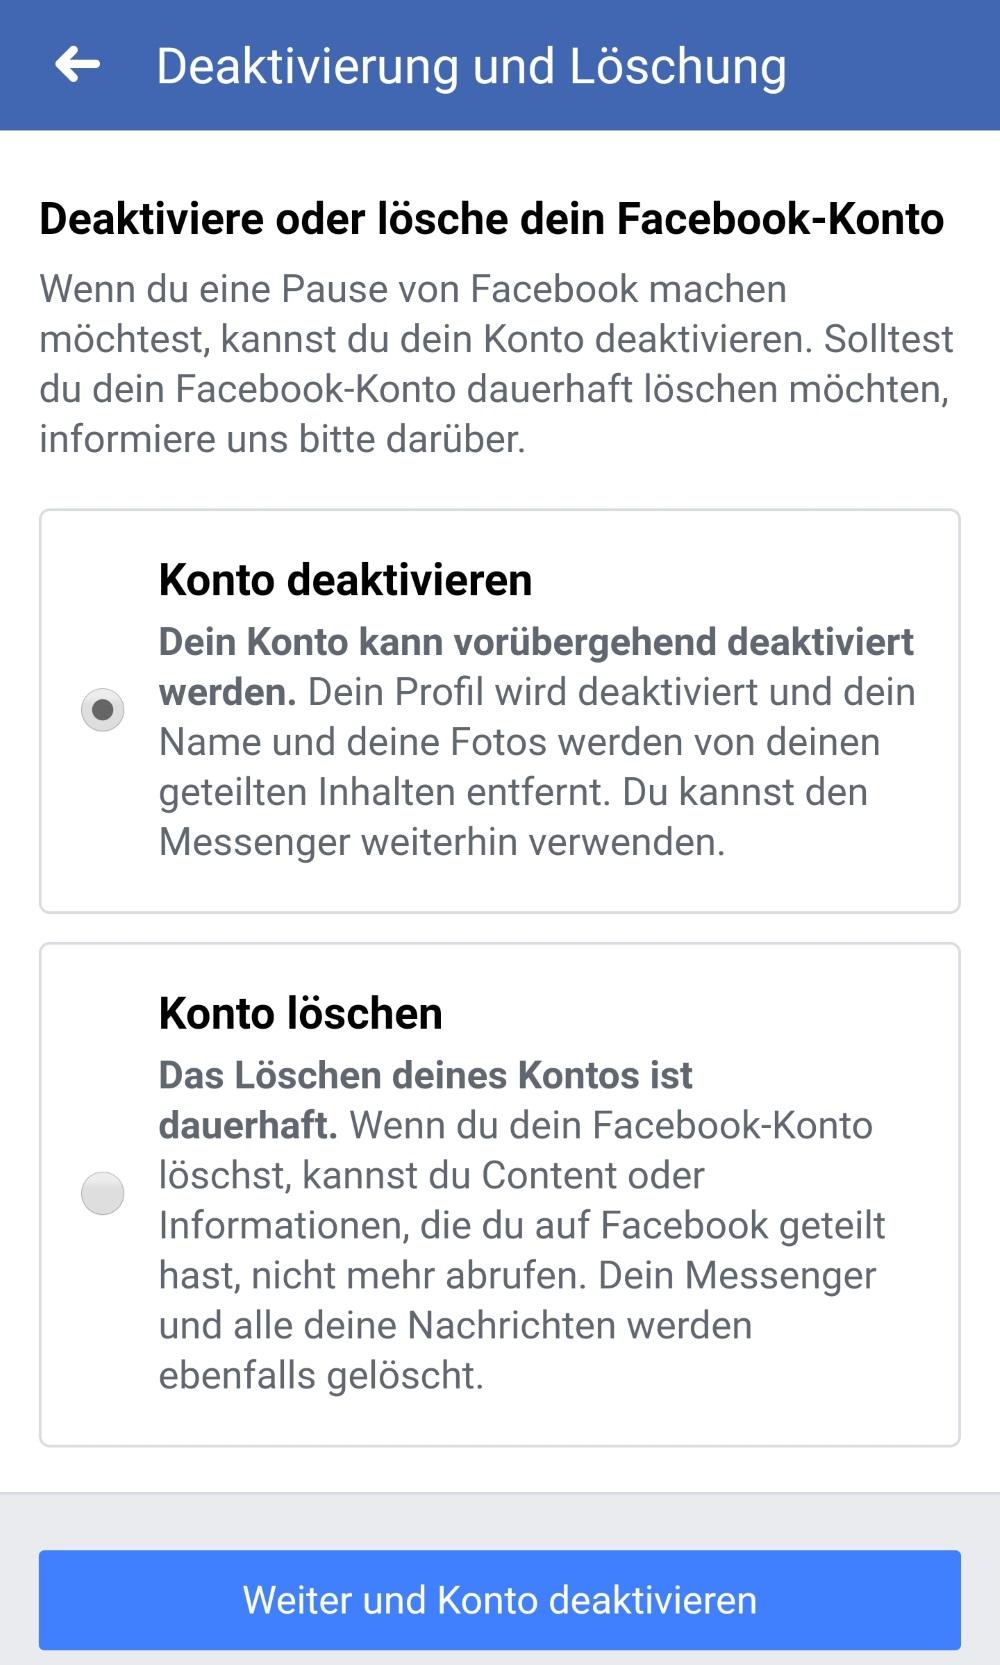 Facebook-Konto deaktivieren Auswahl